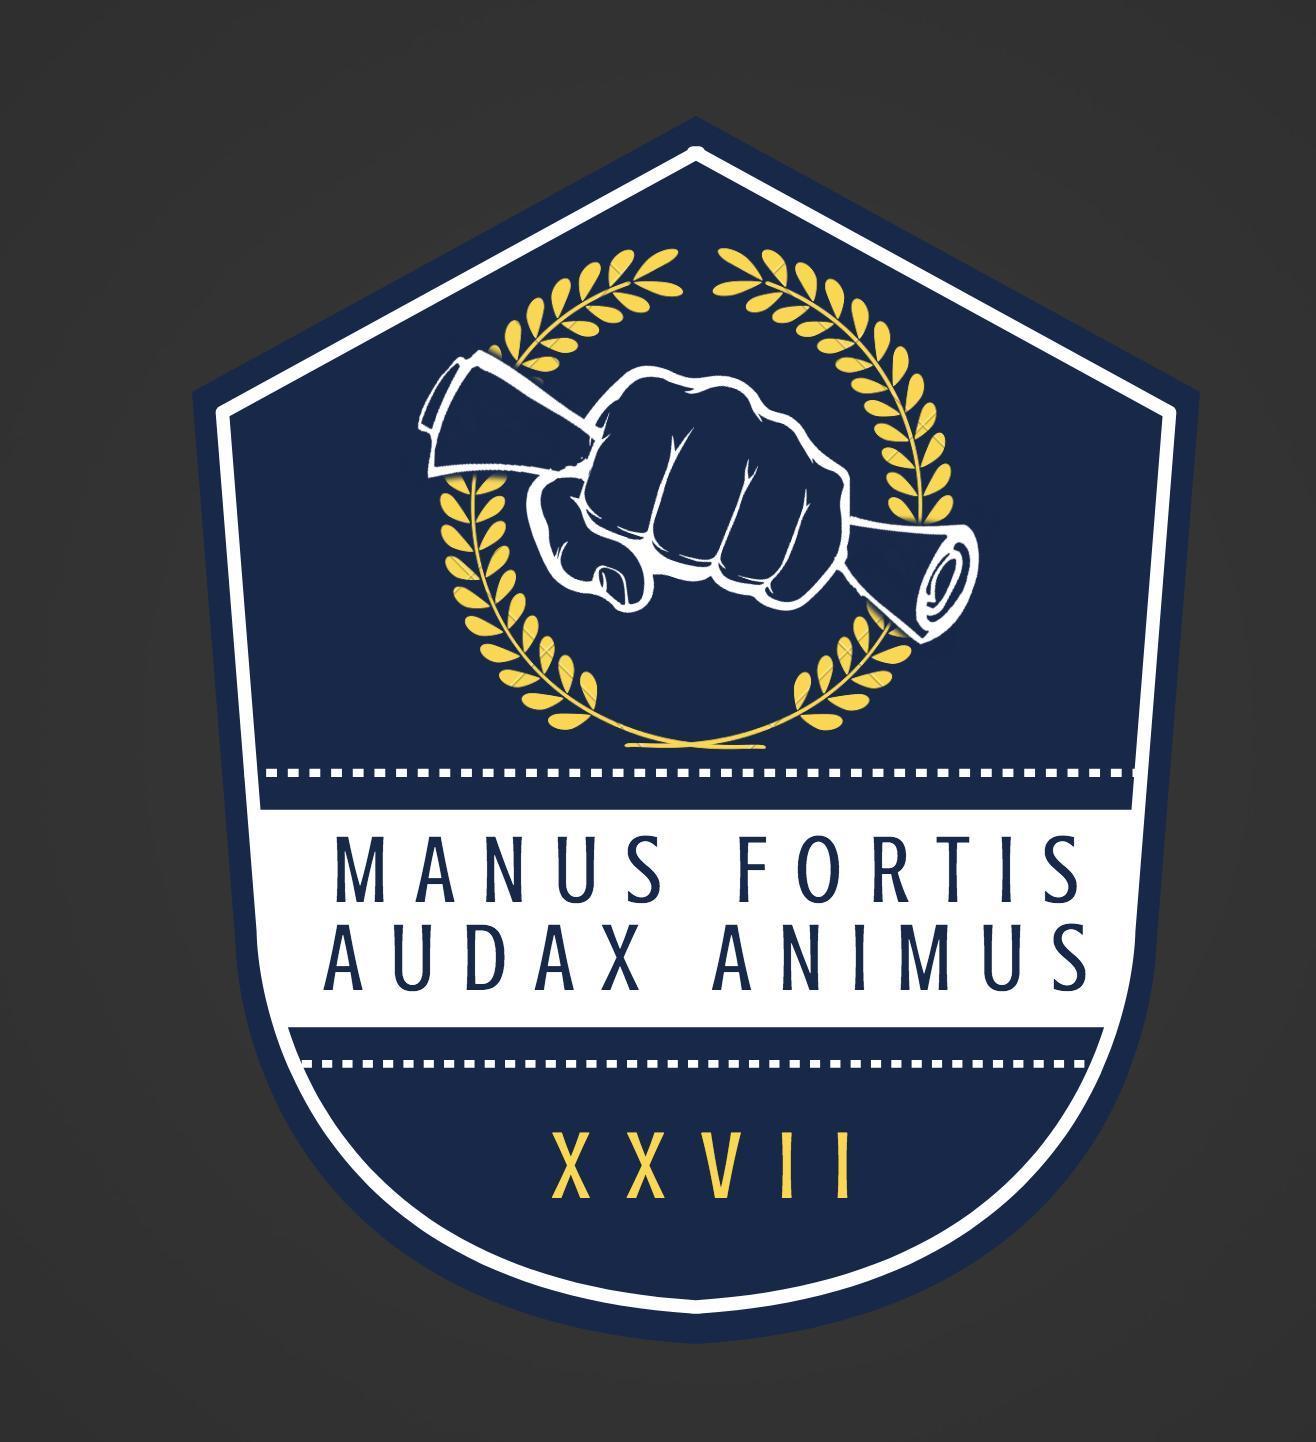 """Logo of """"Manus Fortis Audax Animus"""" being displayed."""